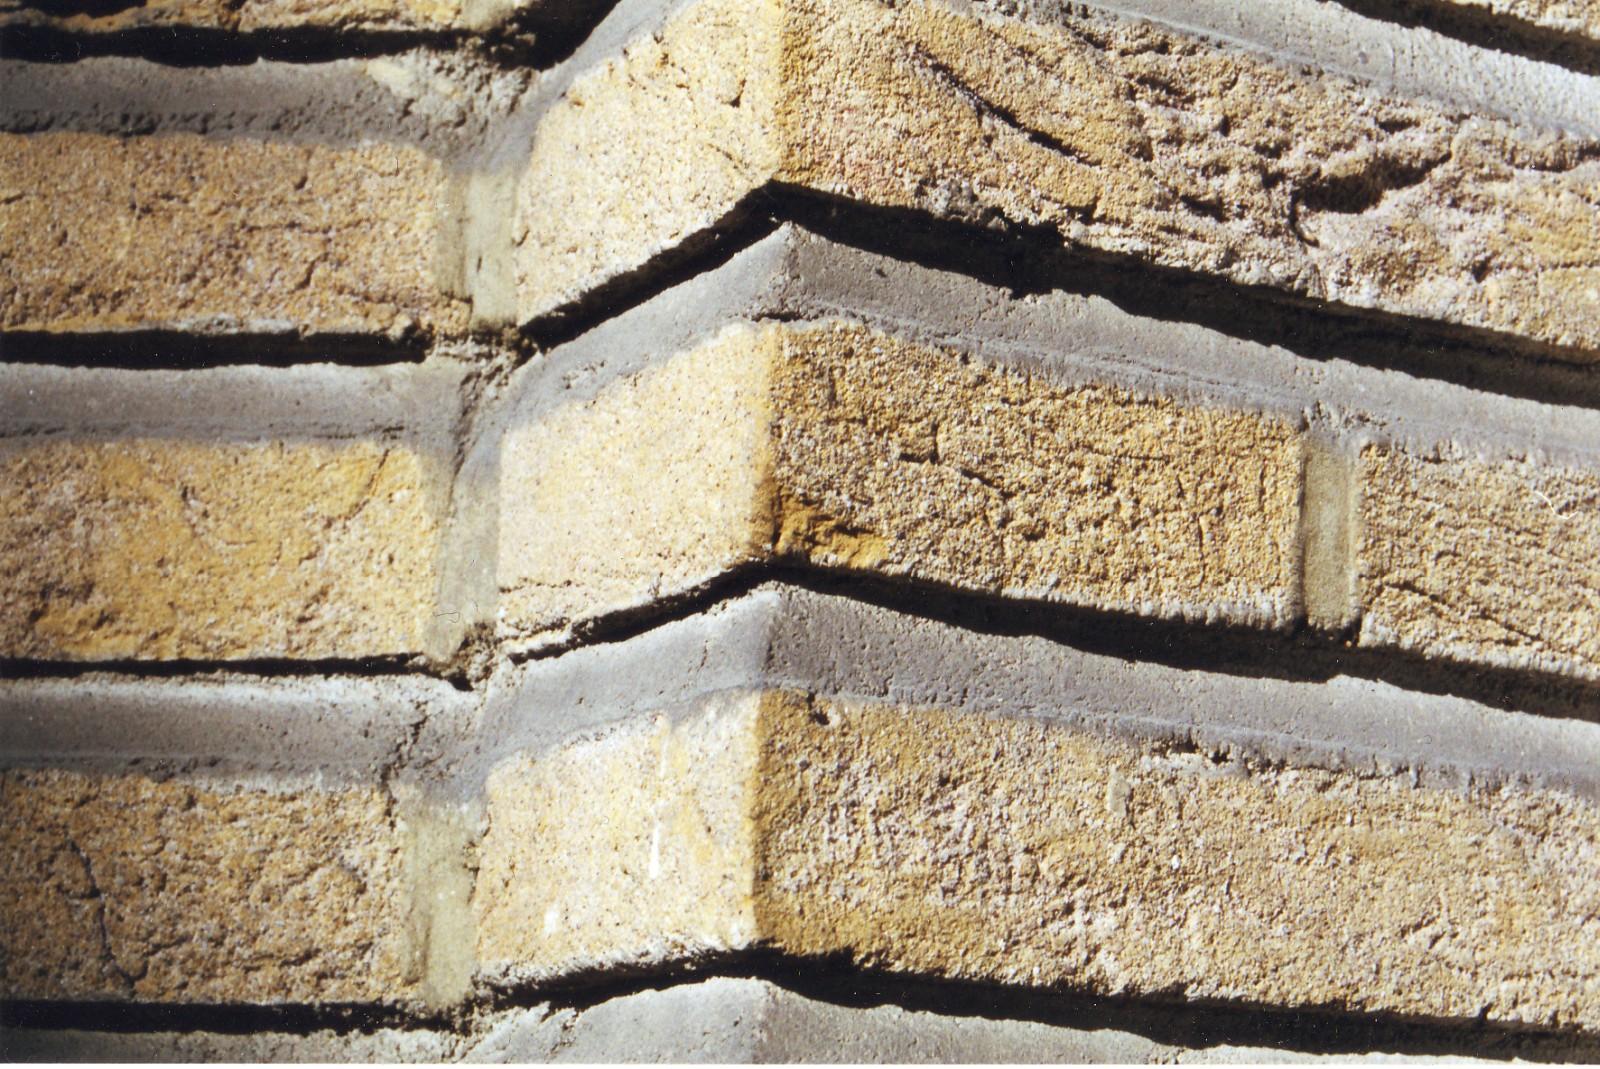 Détail d\'un parement de briques à joints horizontaux accentués, av. du Val d\'Or 2, Woluwe-Saint-Pierre, 1937, architectes Adrien et Yvan Blomme., 2002